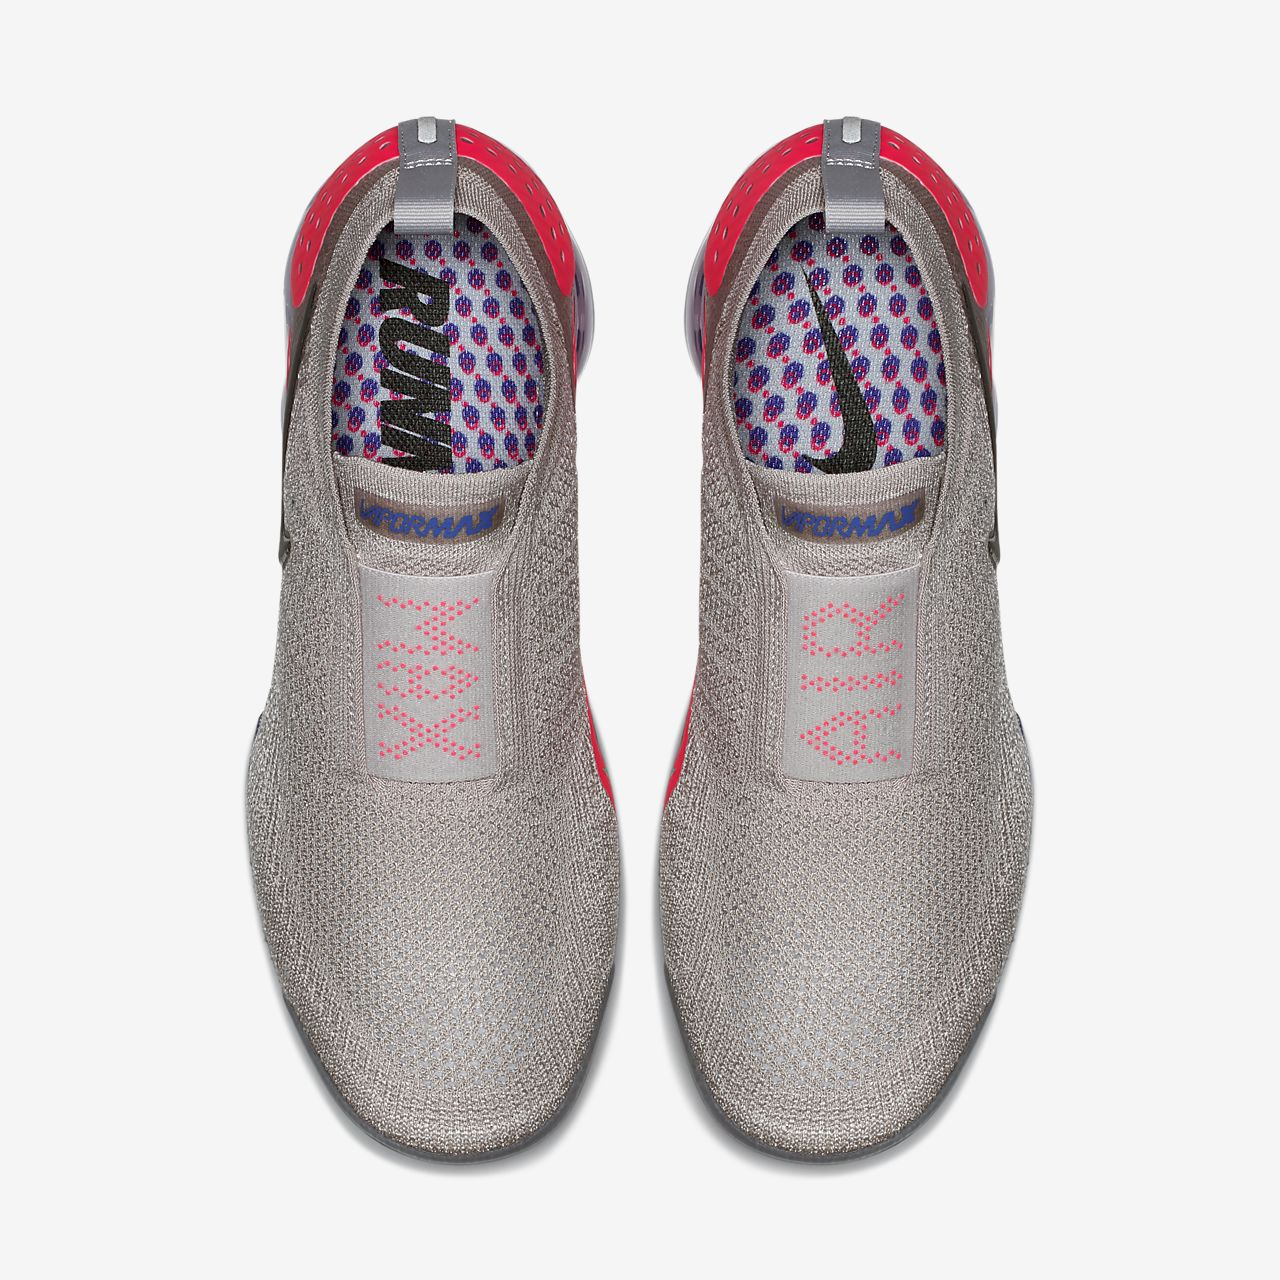 da74f825a4c16 Nike Air VaporMax Flyknit Moc 2 Shoe. Nike.com NL